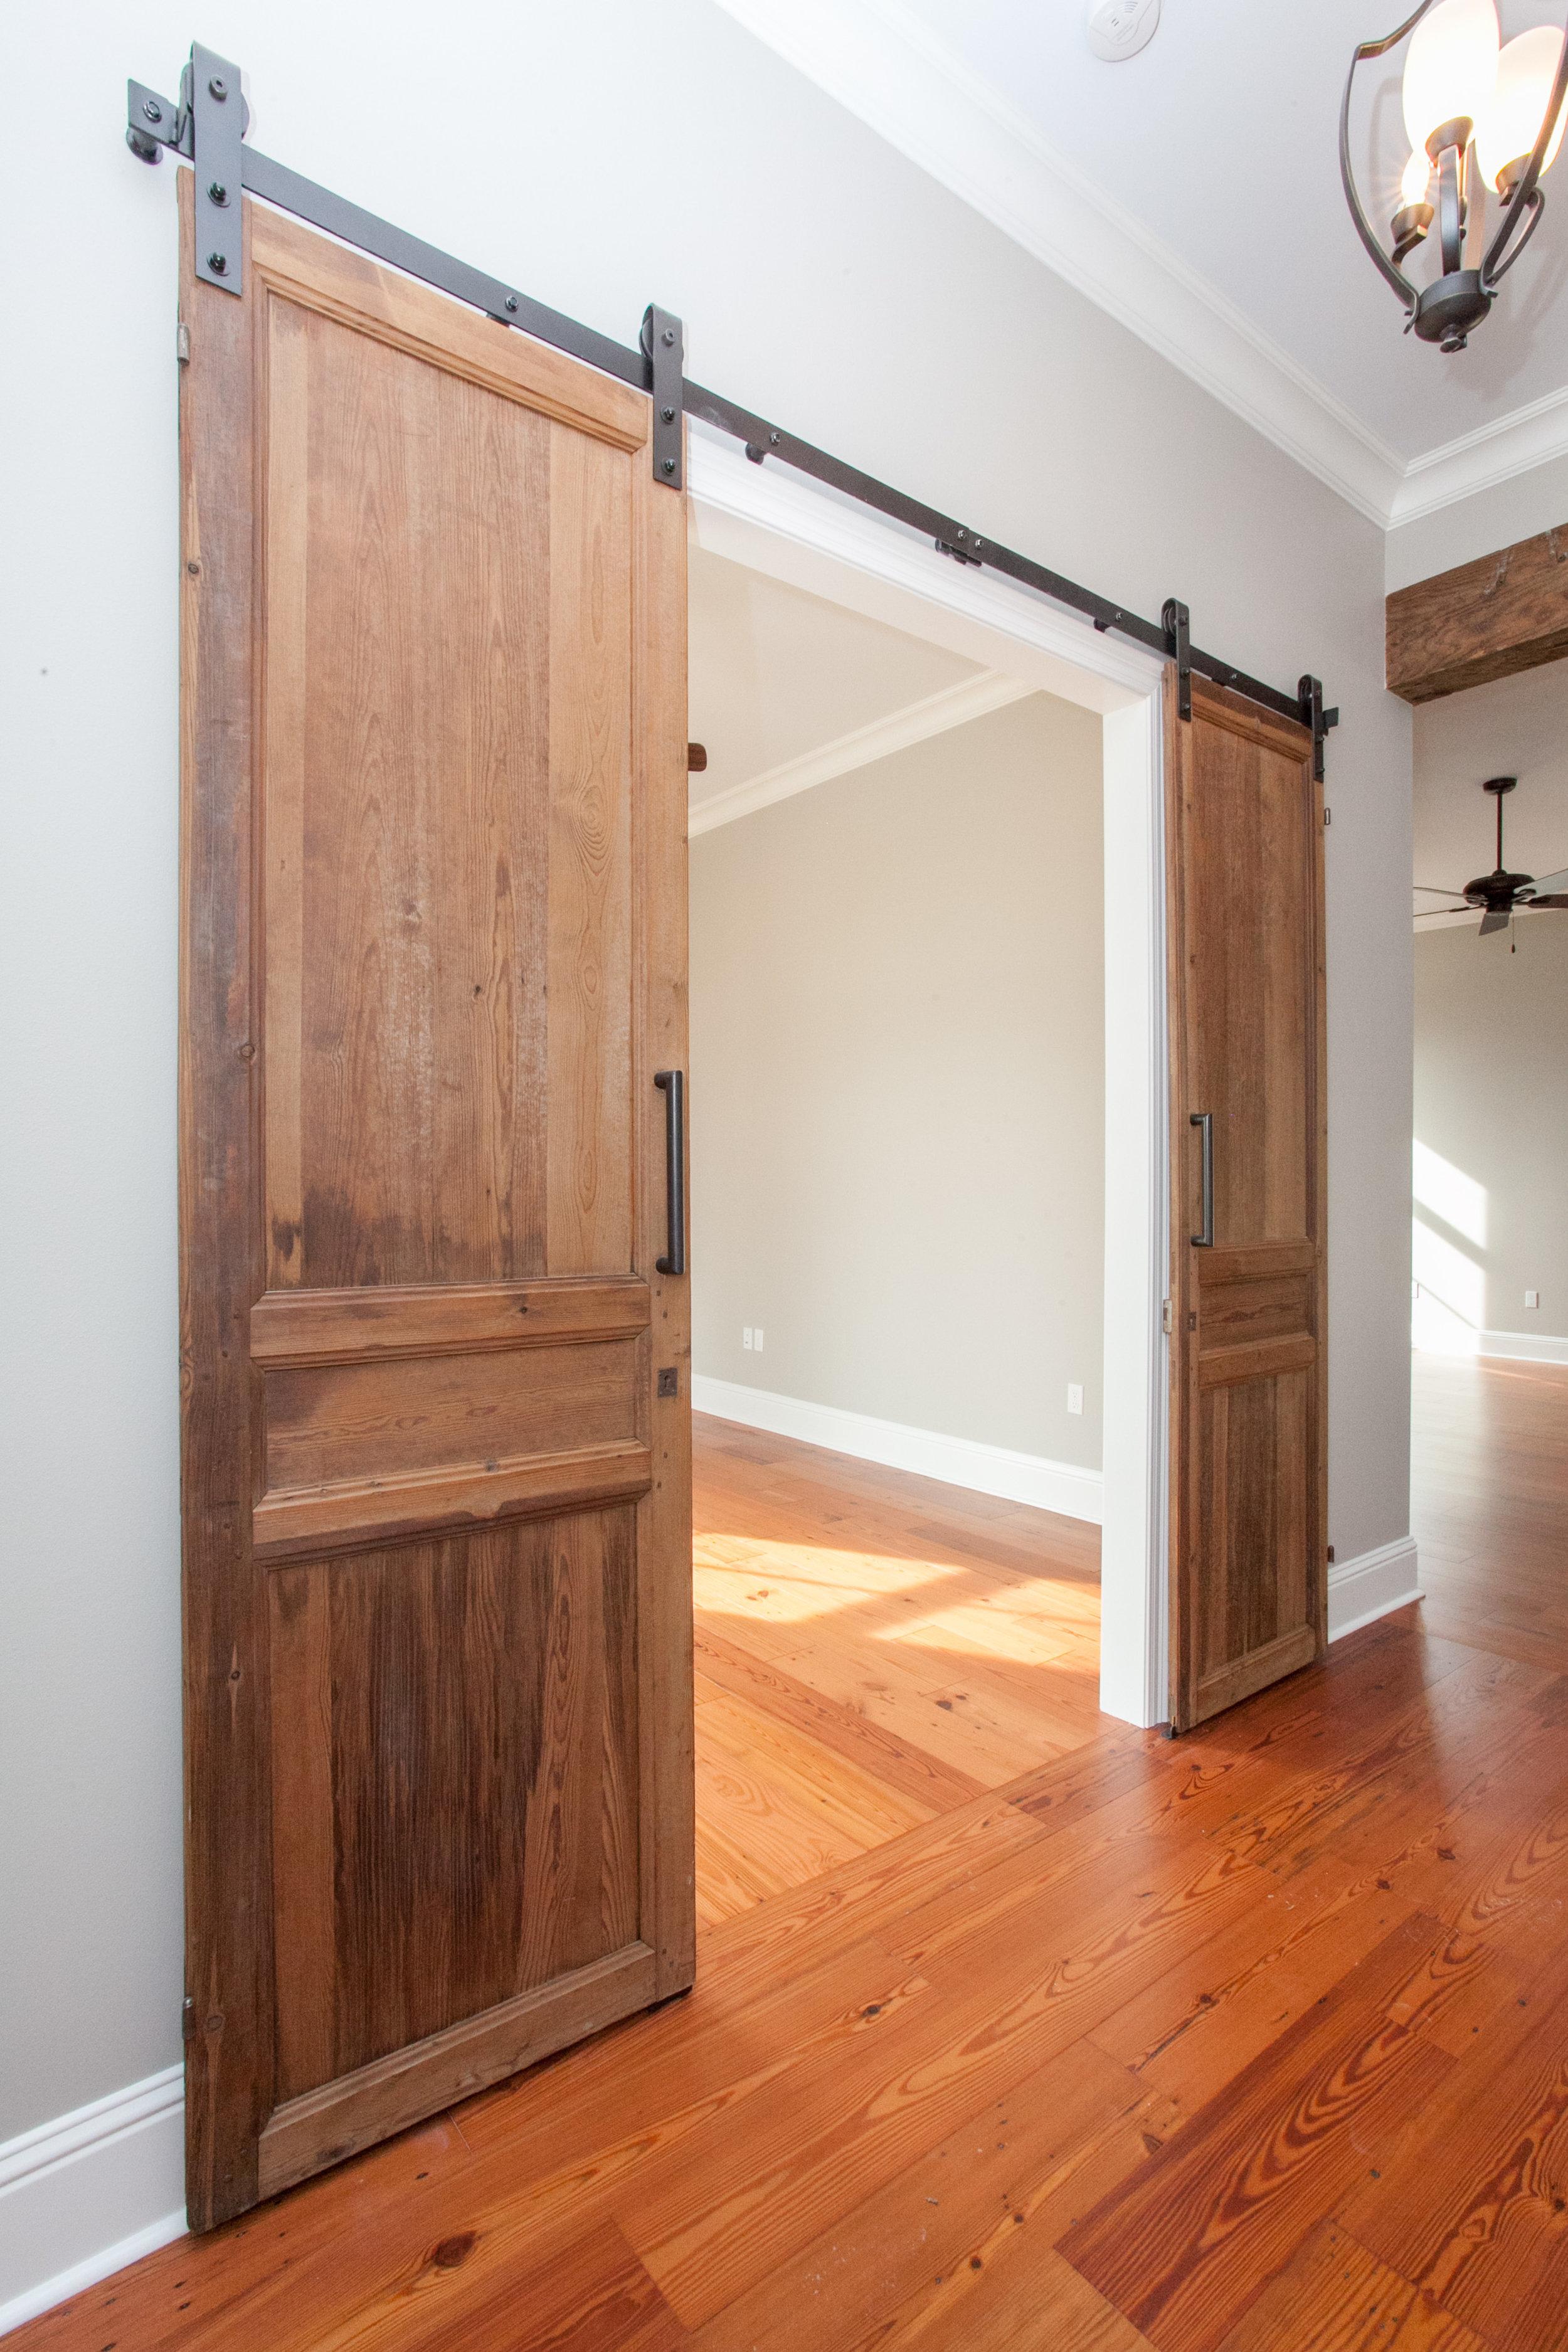 antique barn doors on sliders